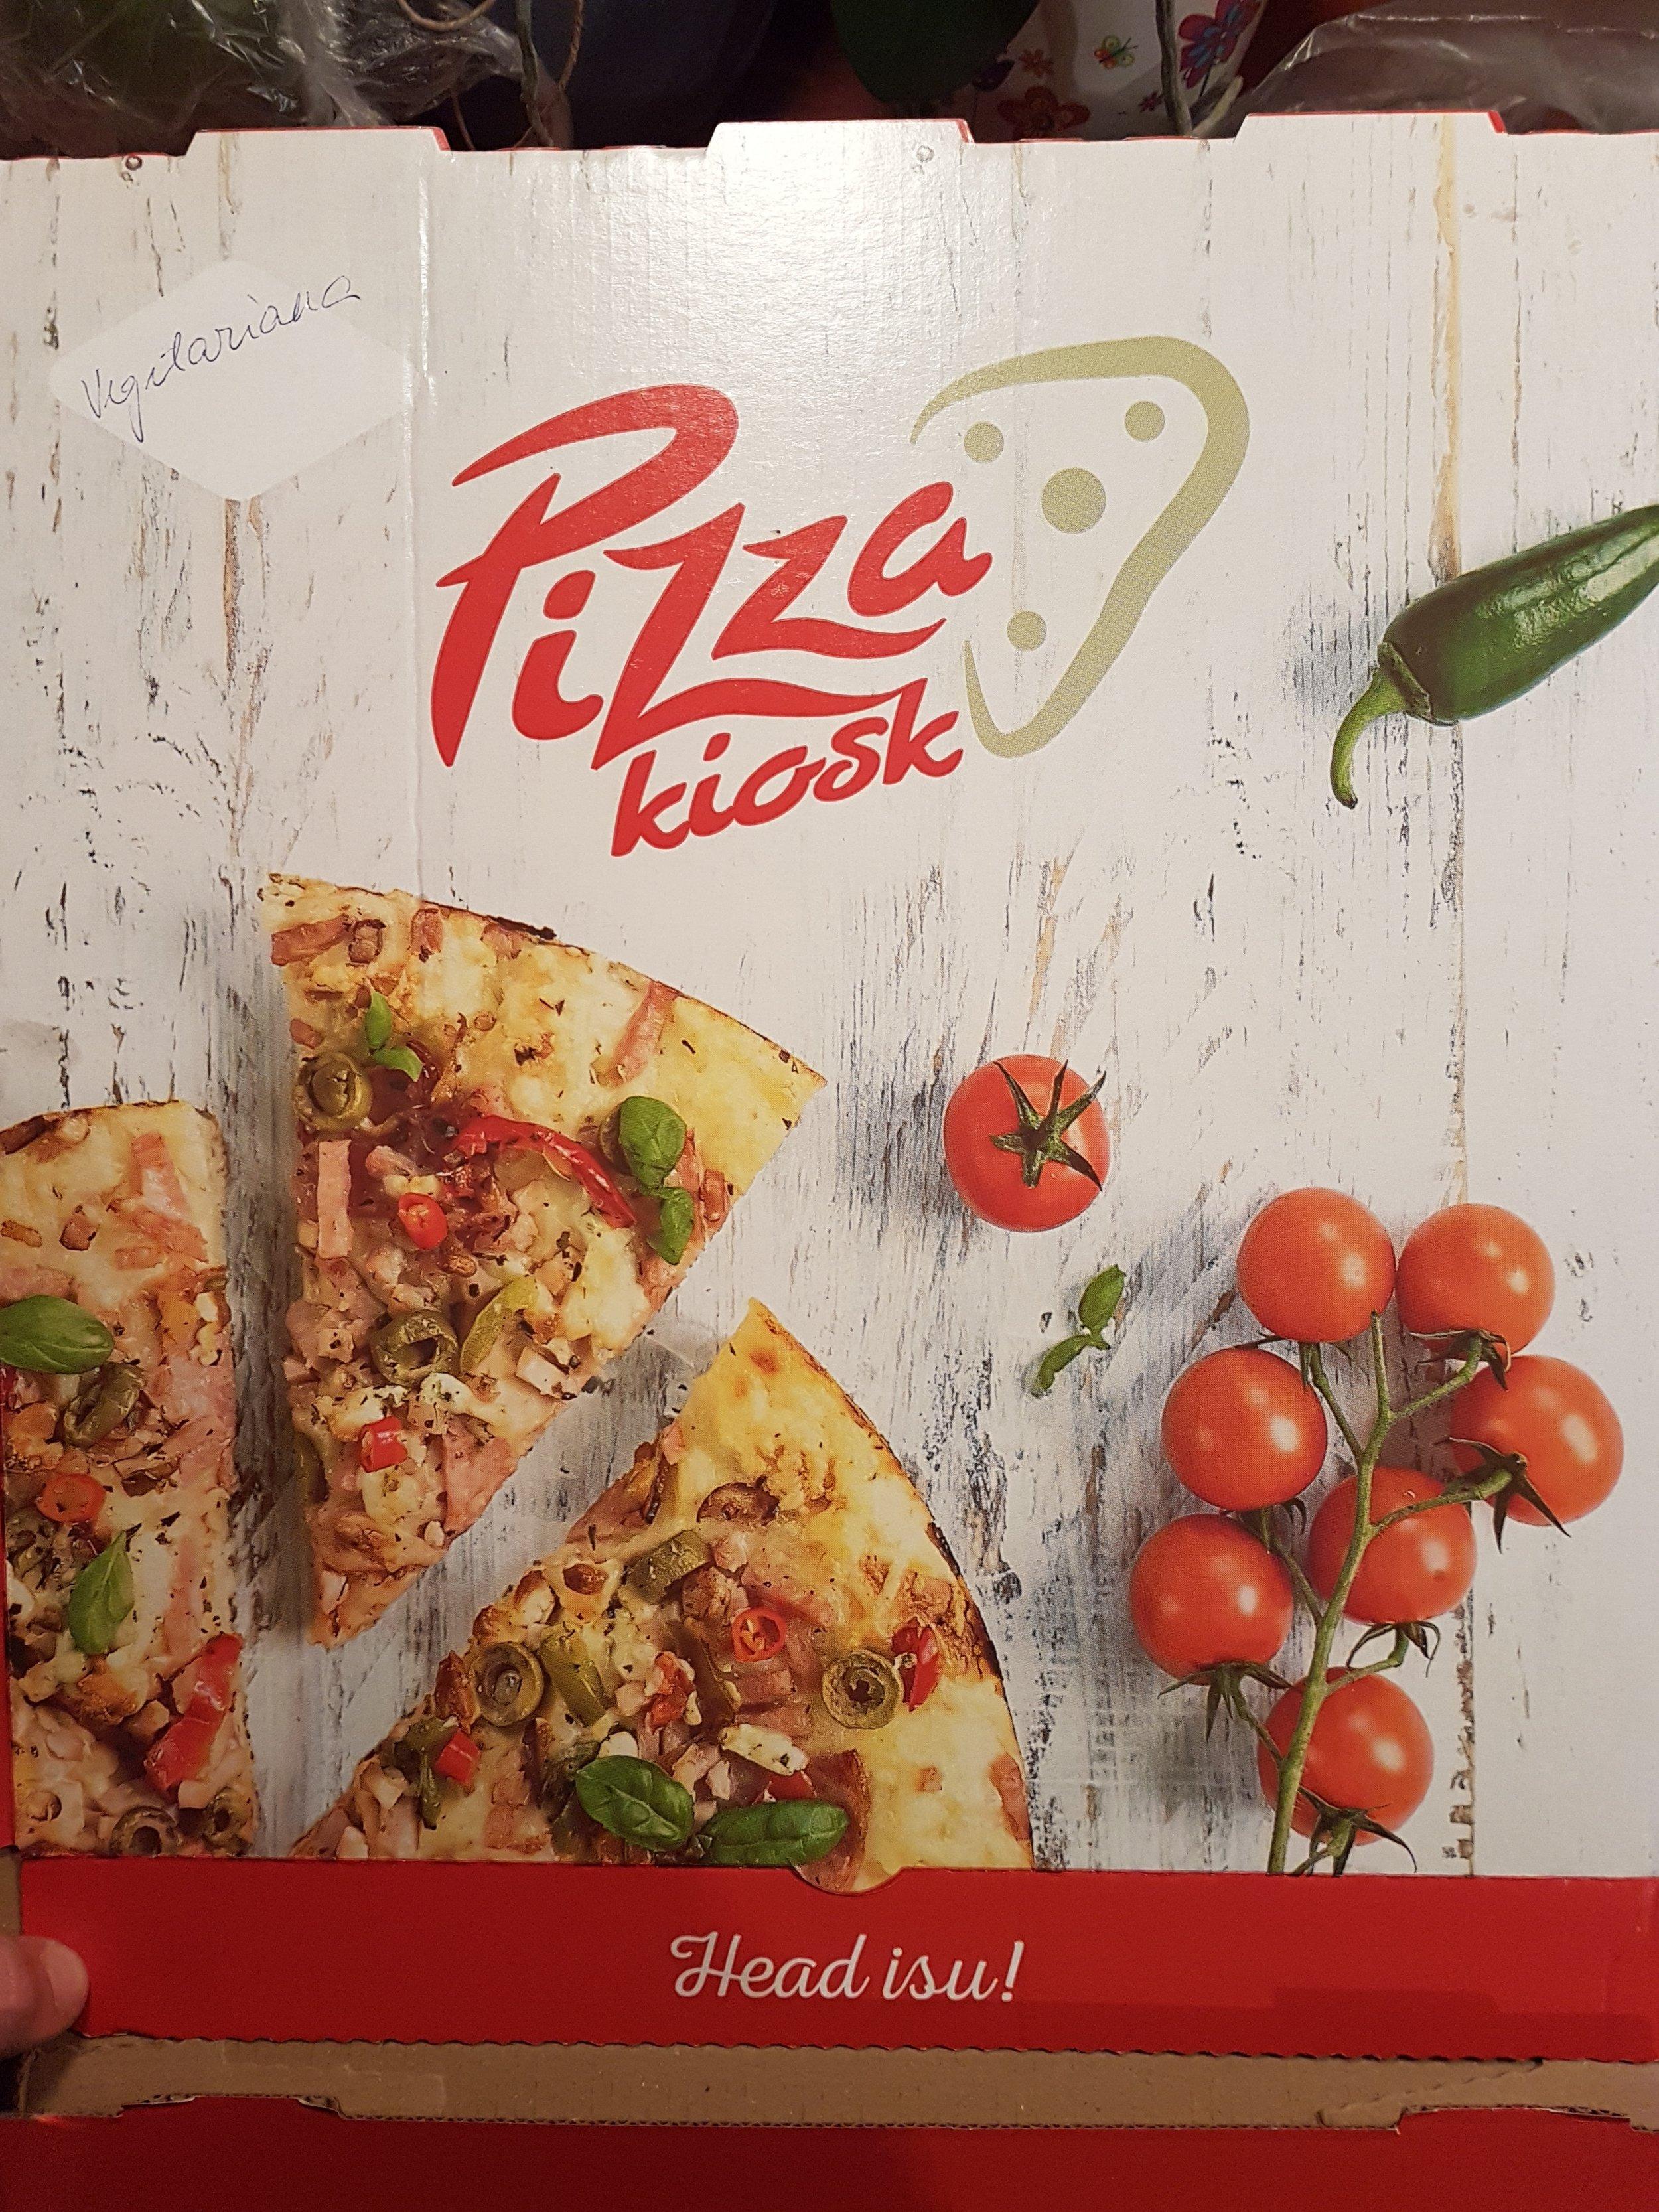 Pizzakioski uus pakendi disain.